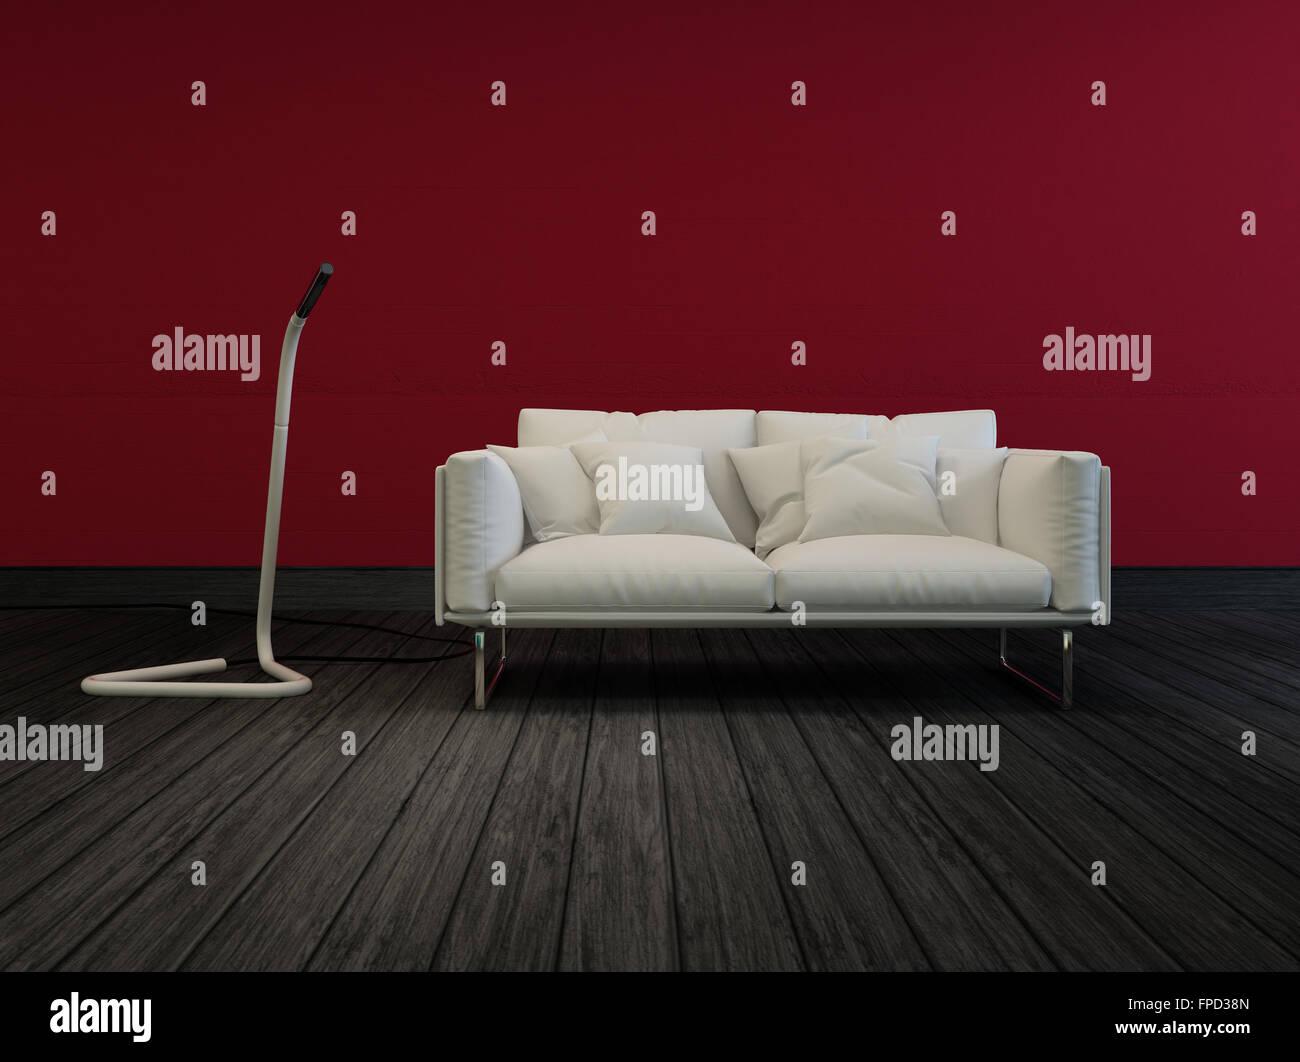 deux petits blancs-scelleur canapé dans une chambre sombre aux murs